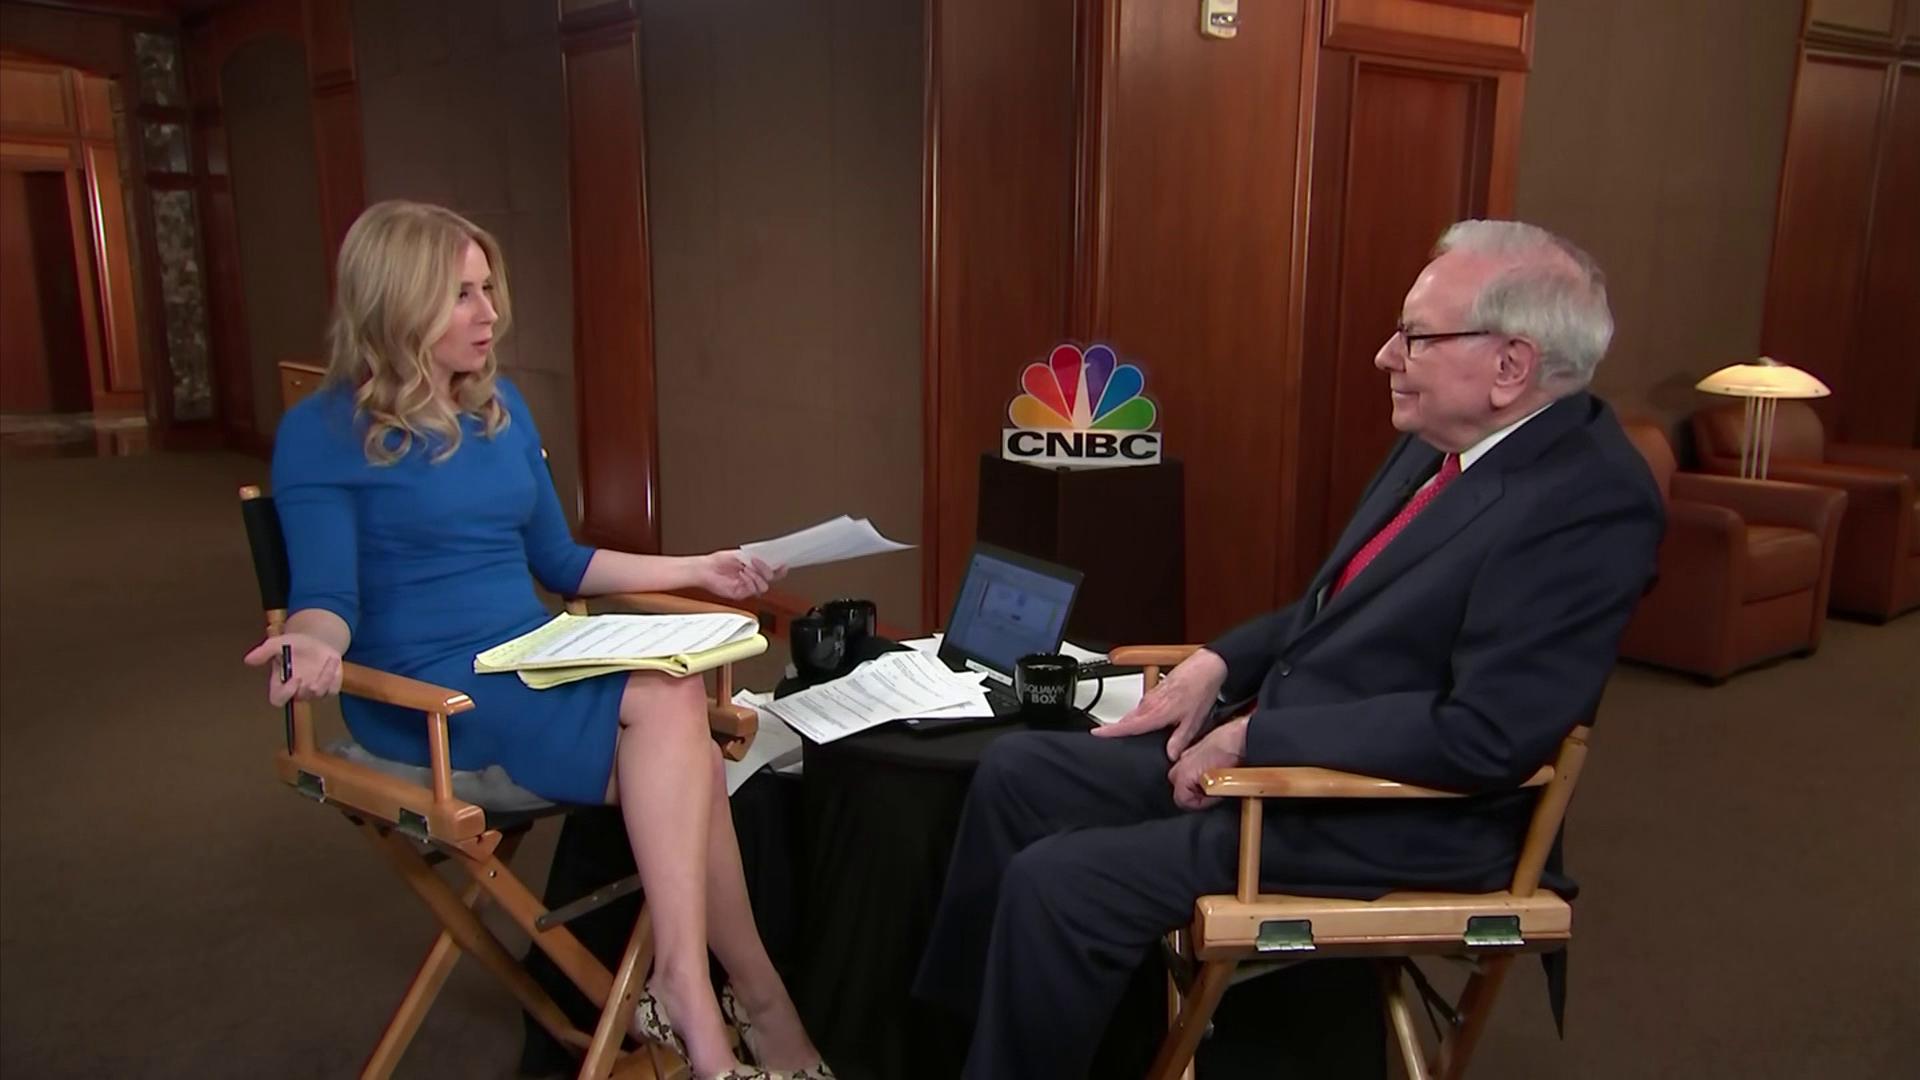 CNBC's Becky Quick interviews Warren Buffett on ''Squawk Box,''  February 24, 2020